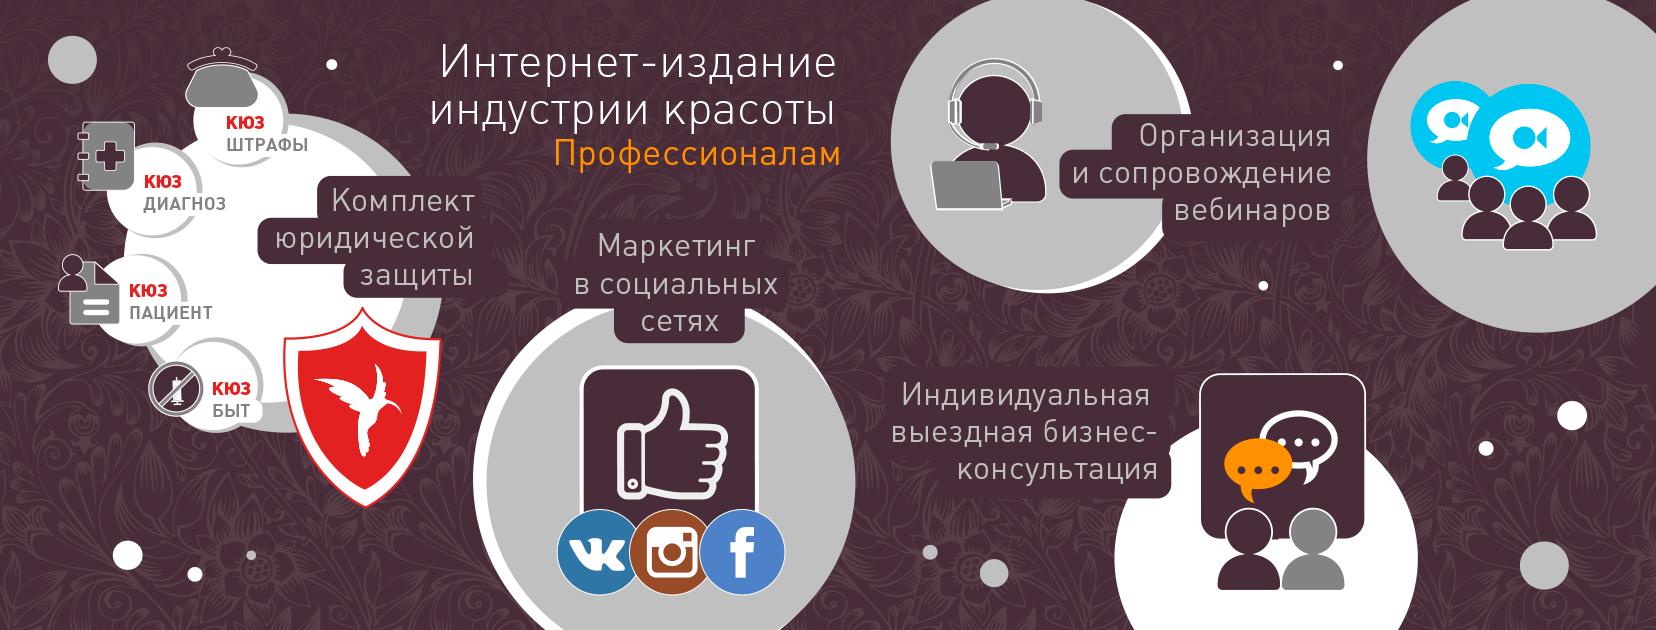 1nep.ru - Риски эстетической медицины